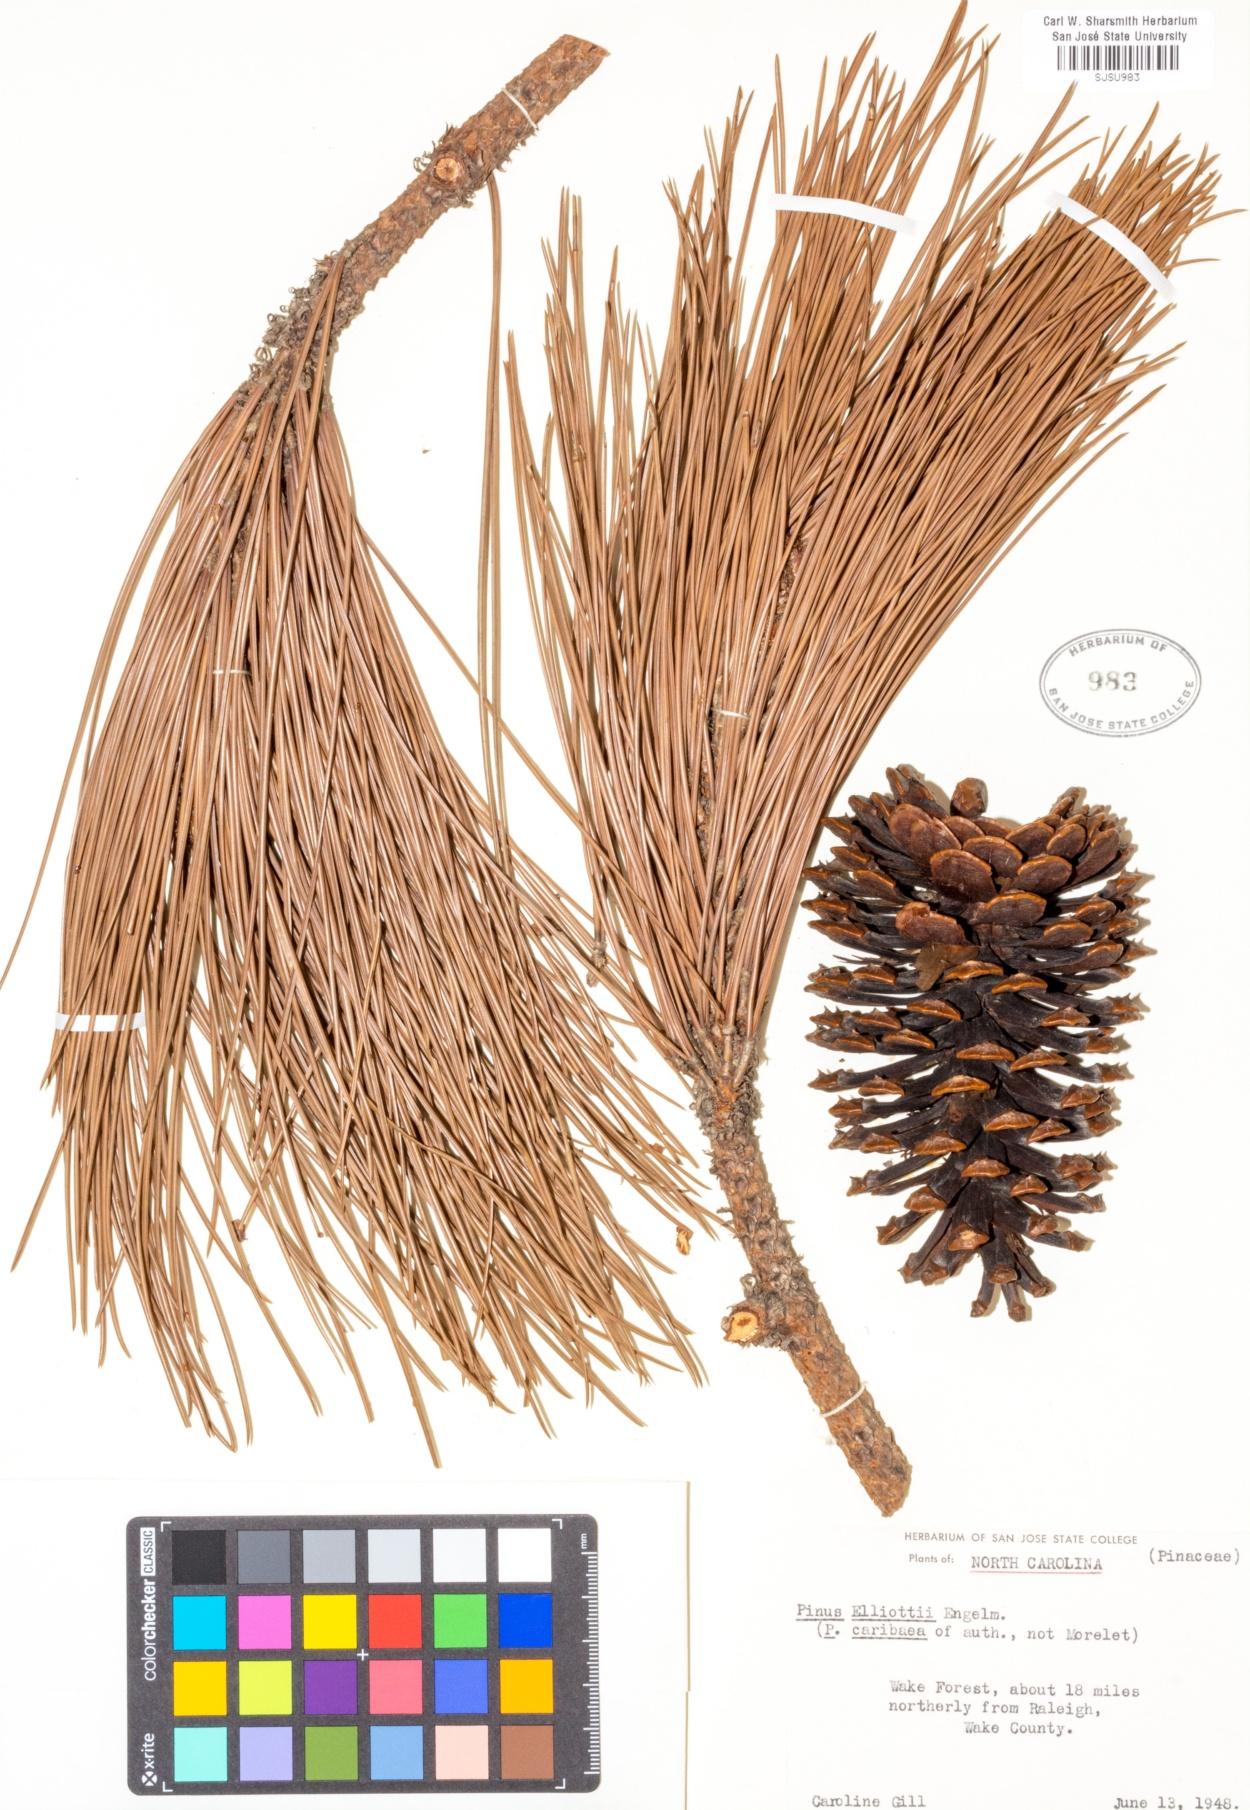 Pinus elliottii image